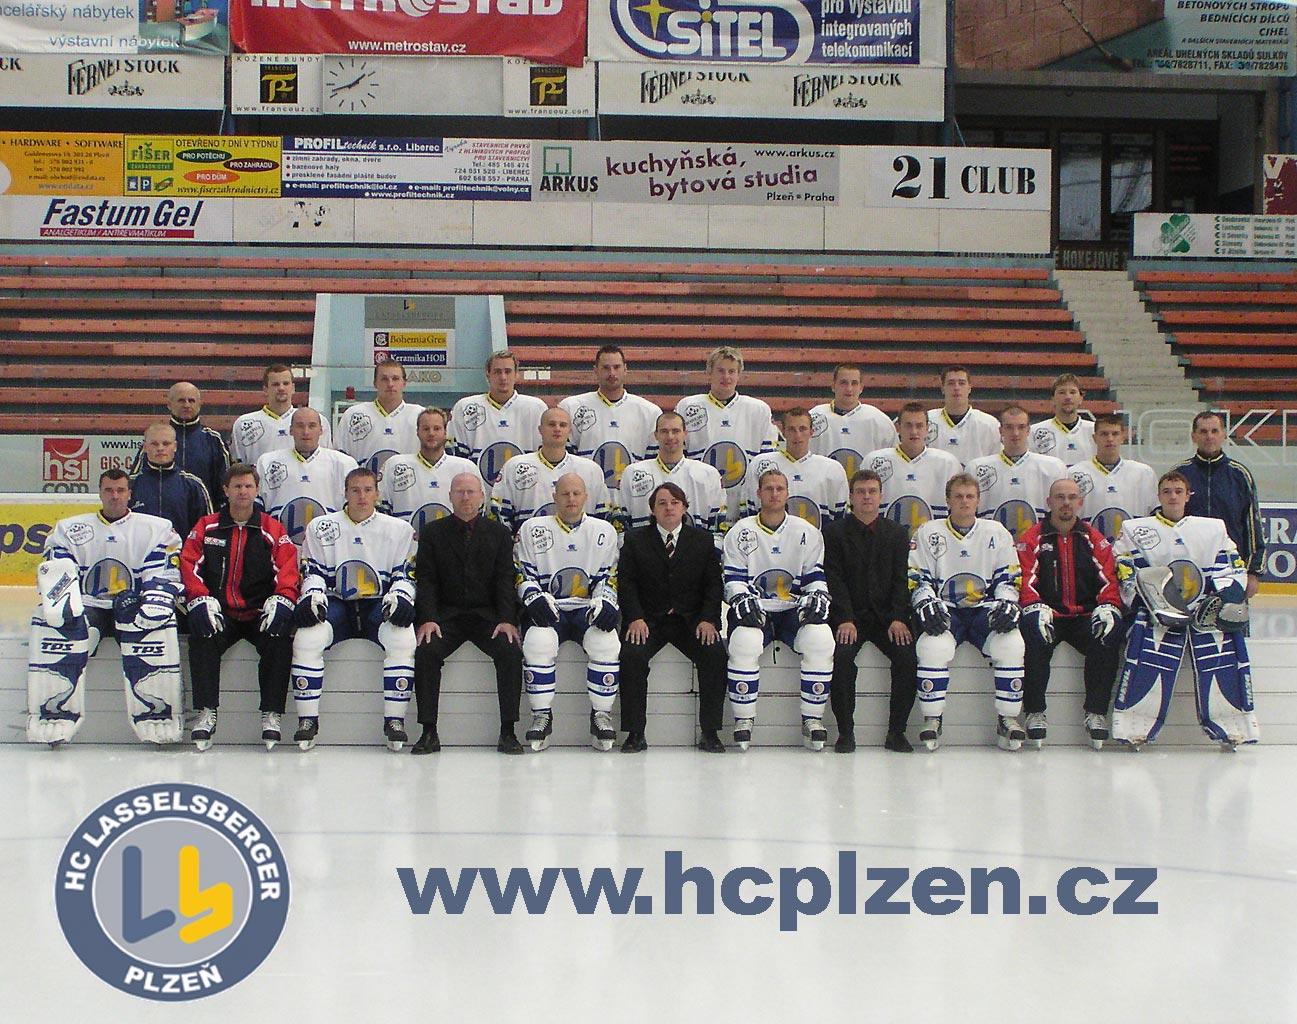 Společné foto 2005/06